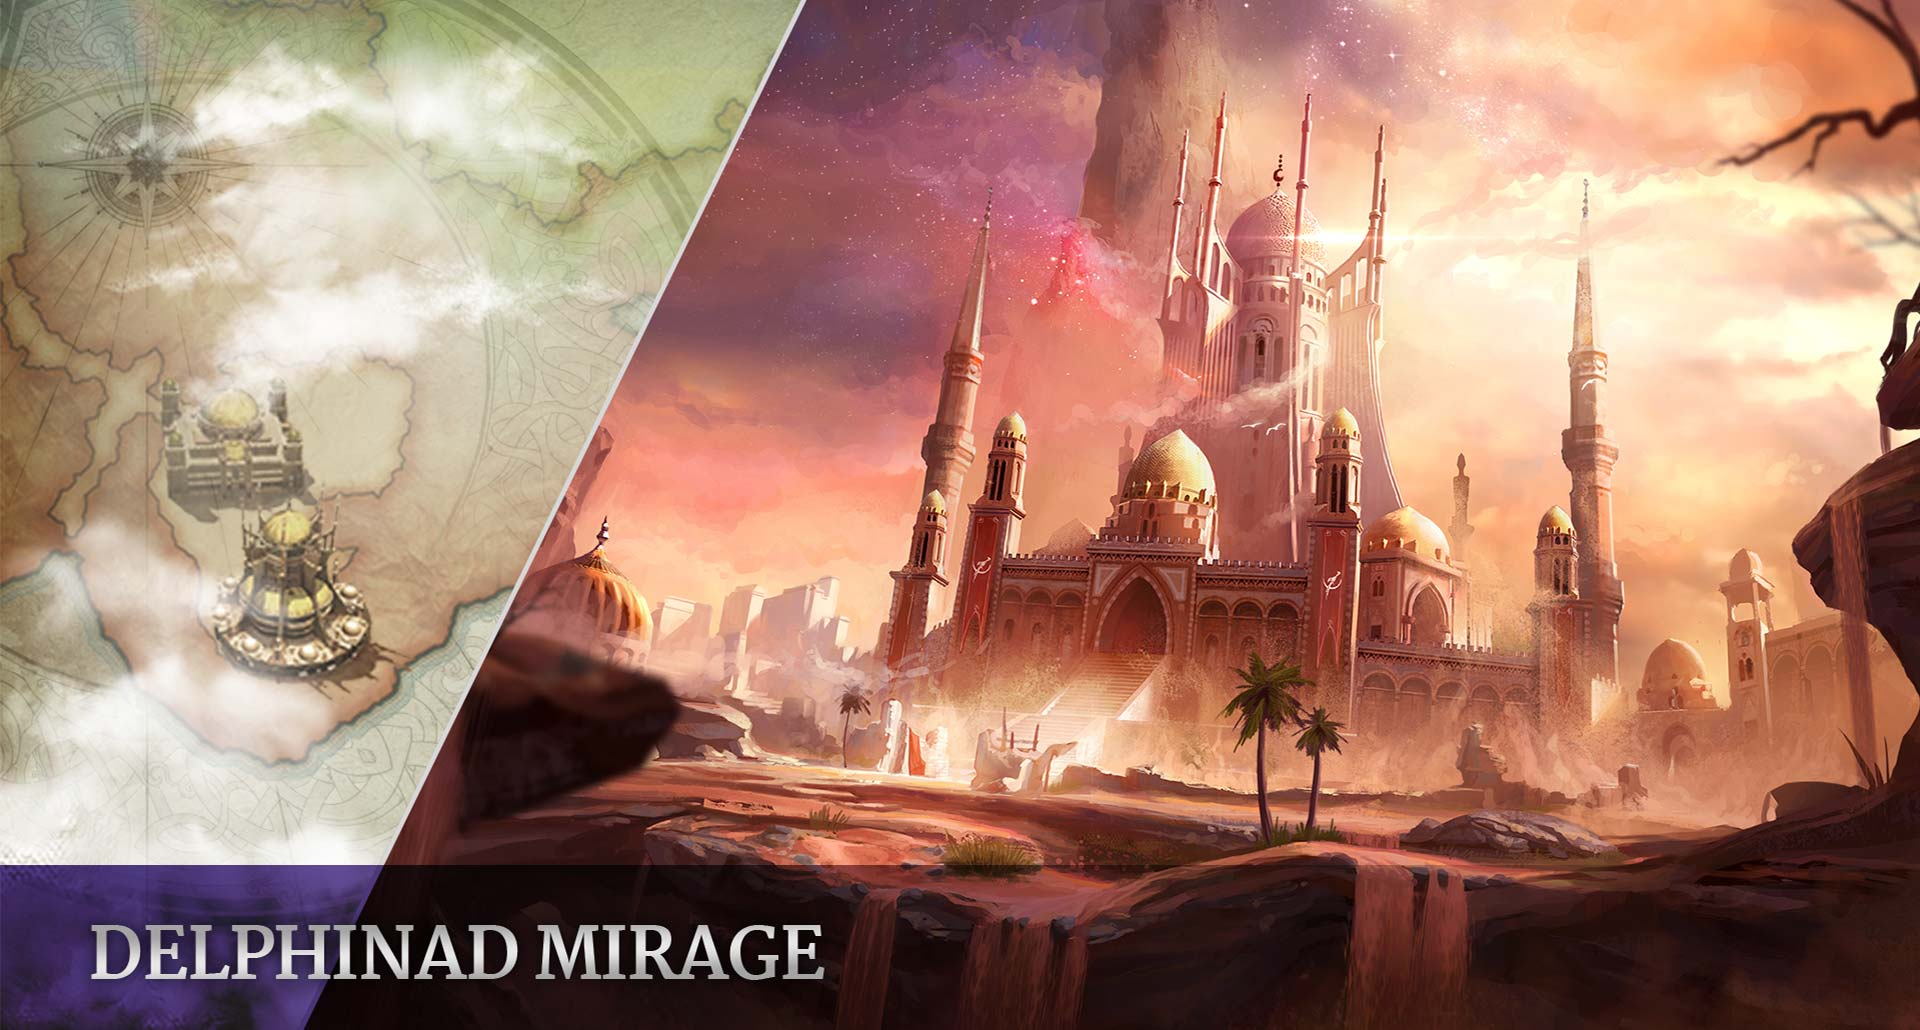 Delphinad Mirage